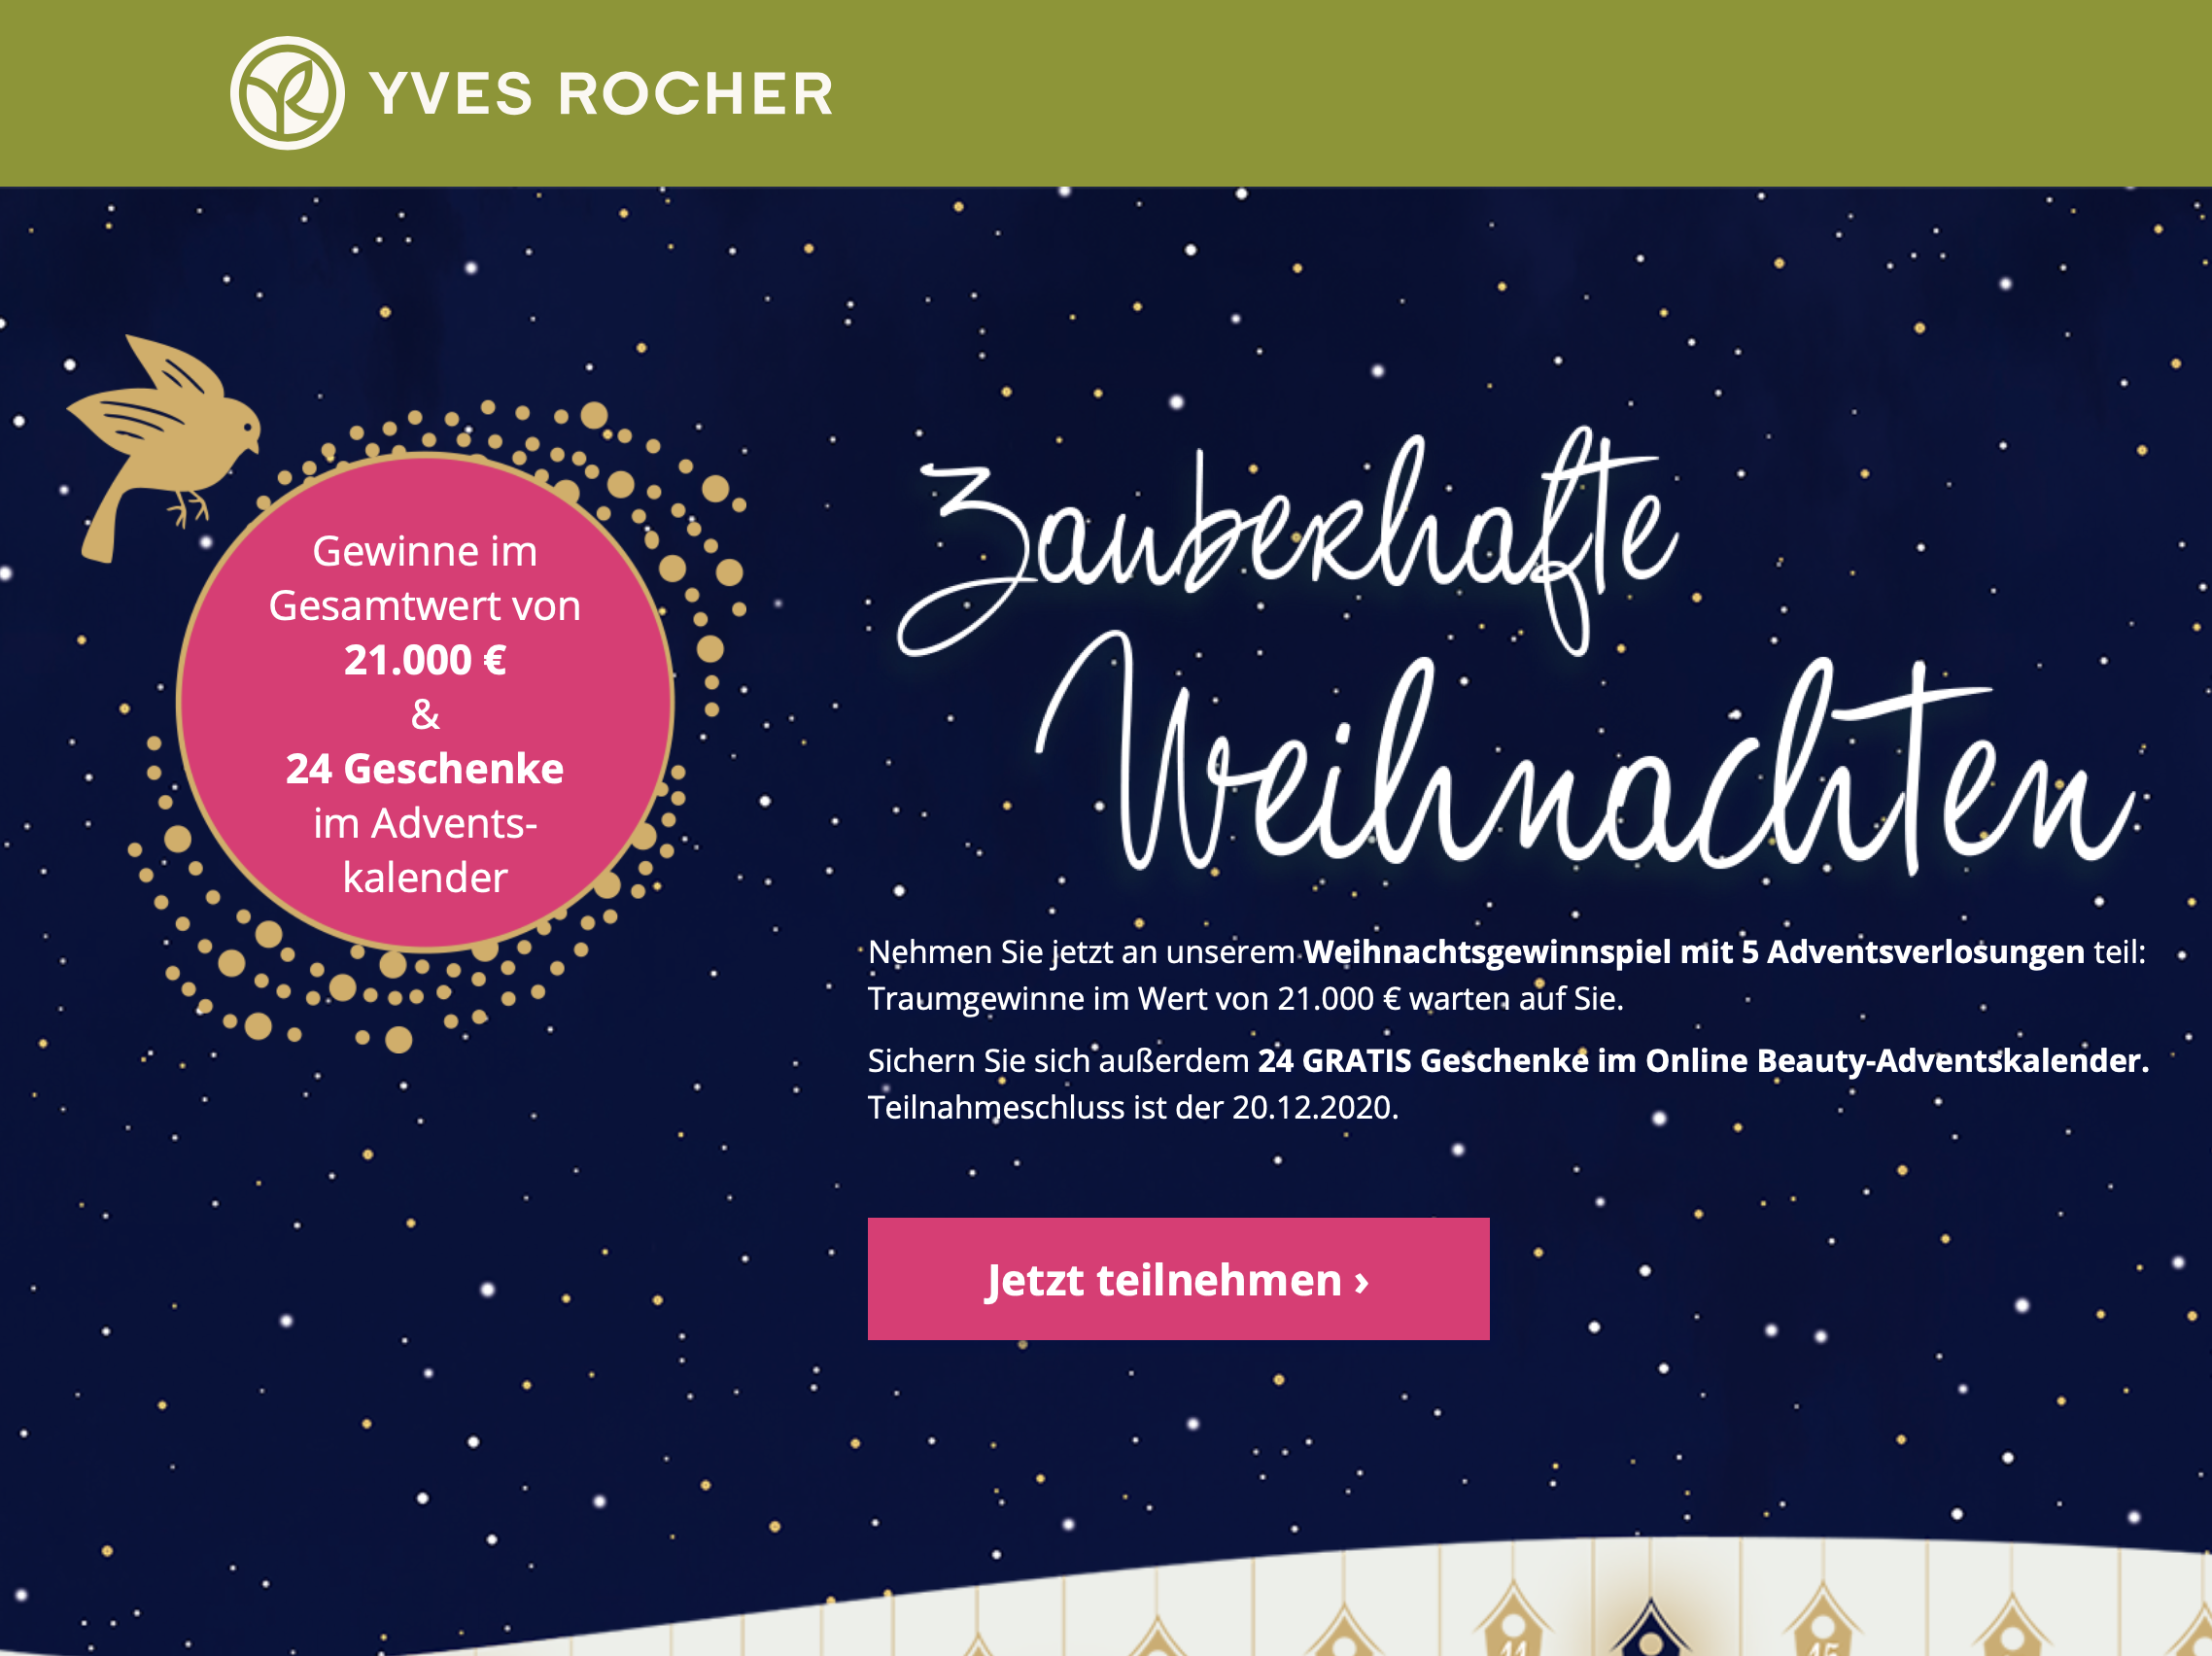 Yves Rocher - Weihnachtsgewinnspiel mit 5 Adventsverlosungen